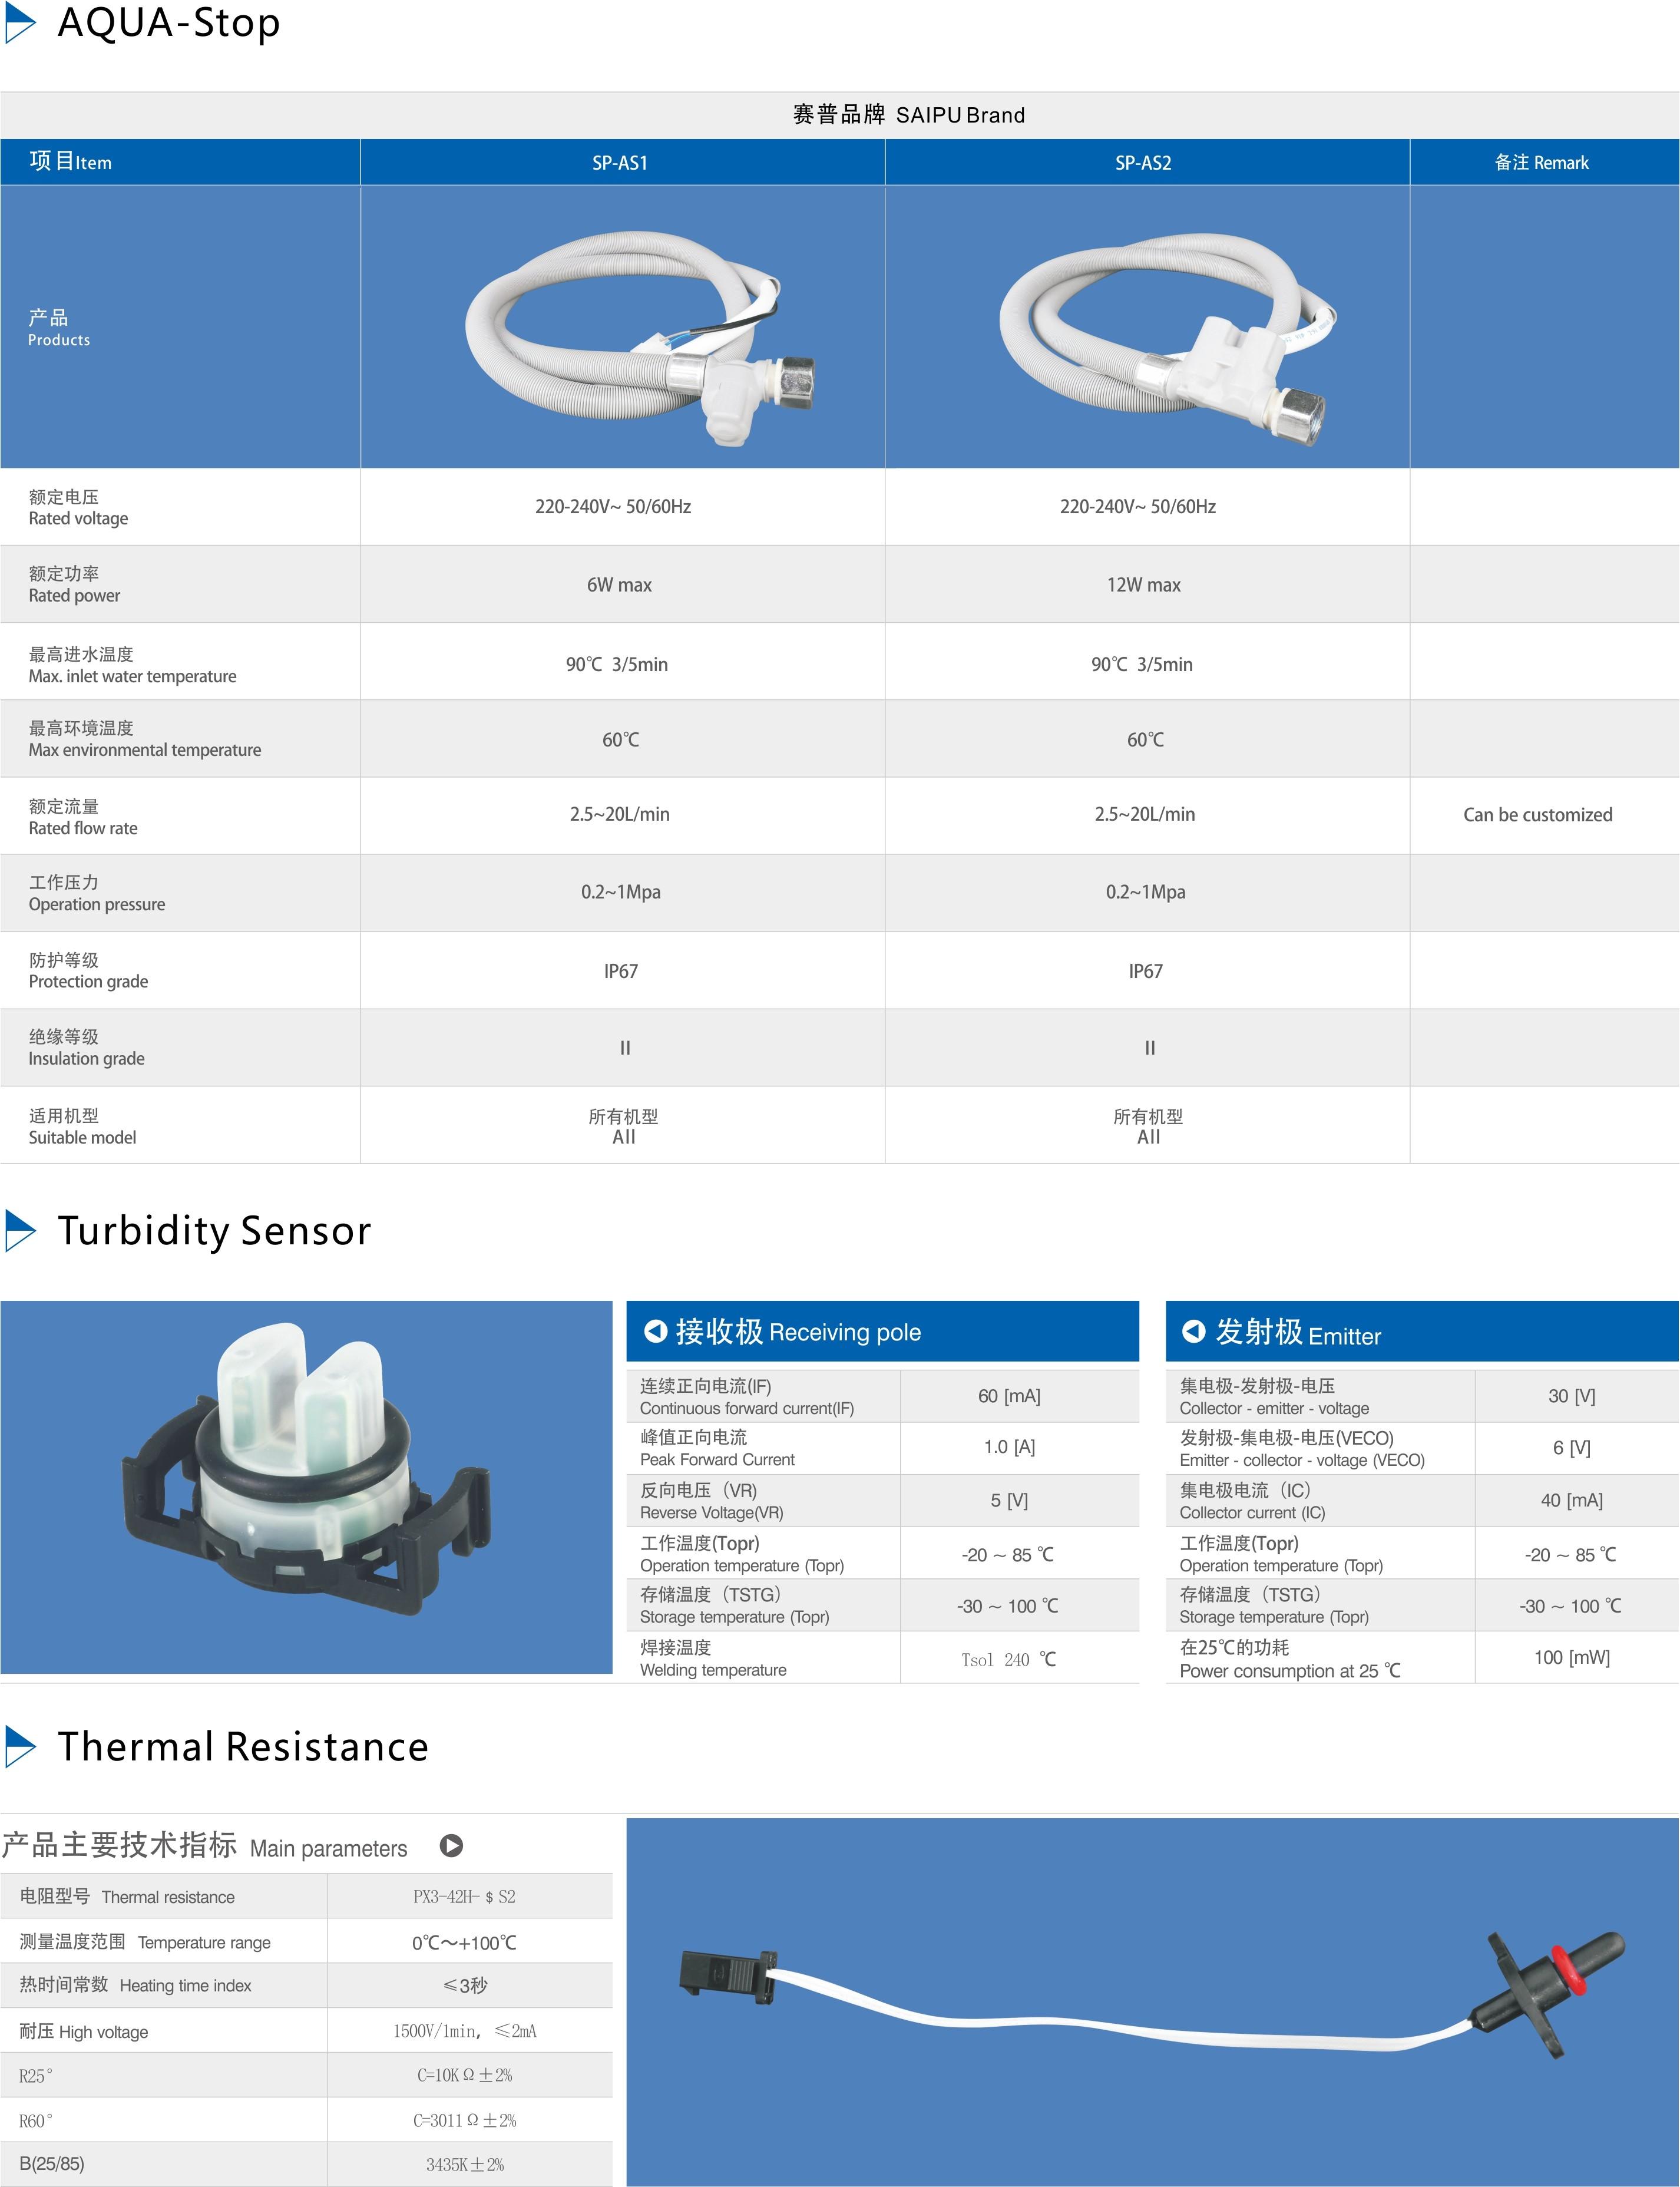 10其它电子电器产品.jpg